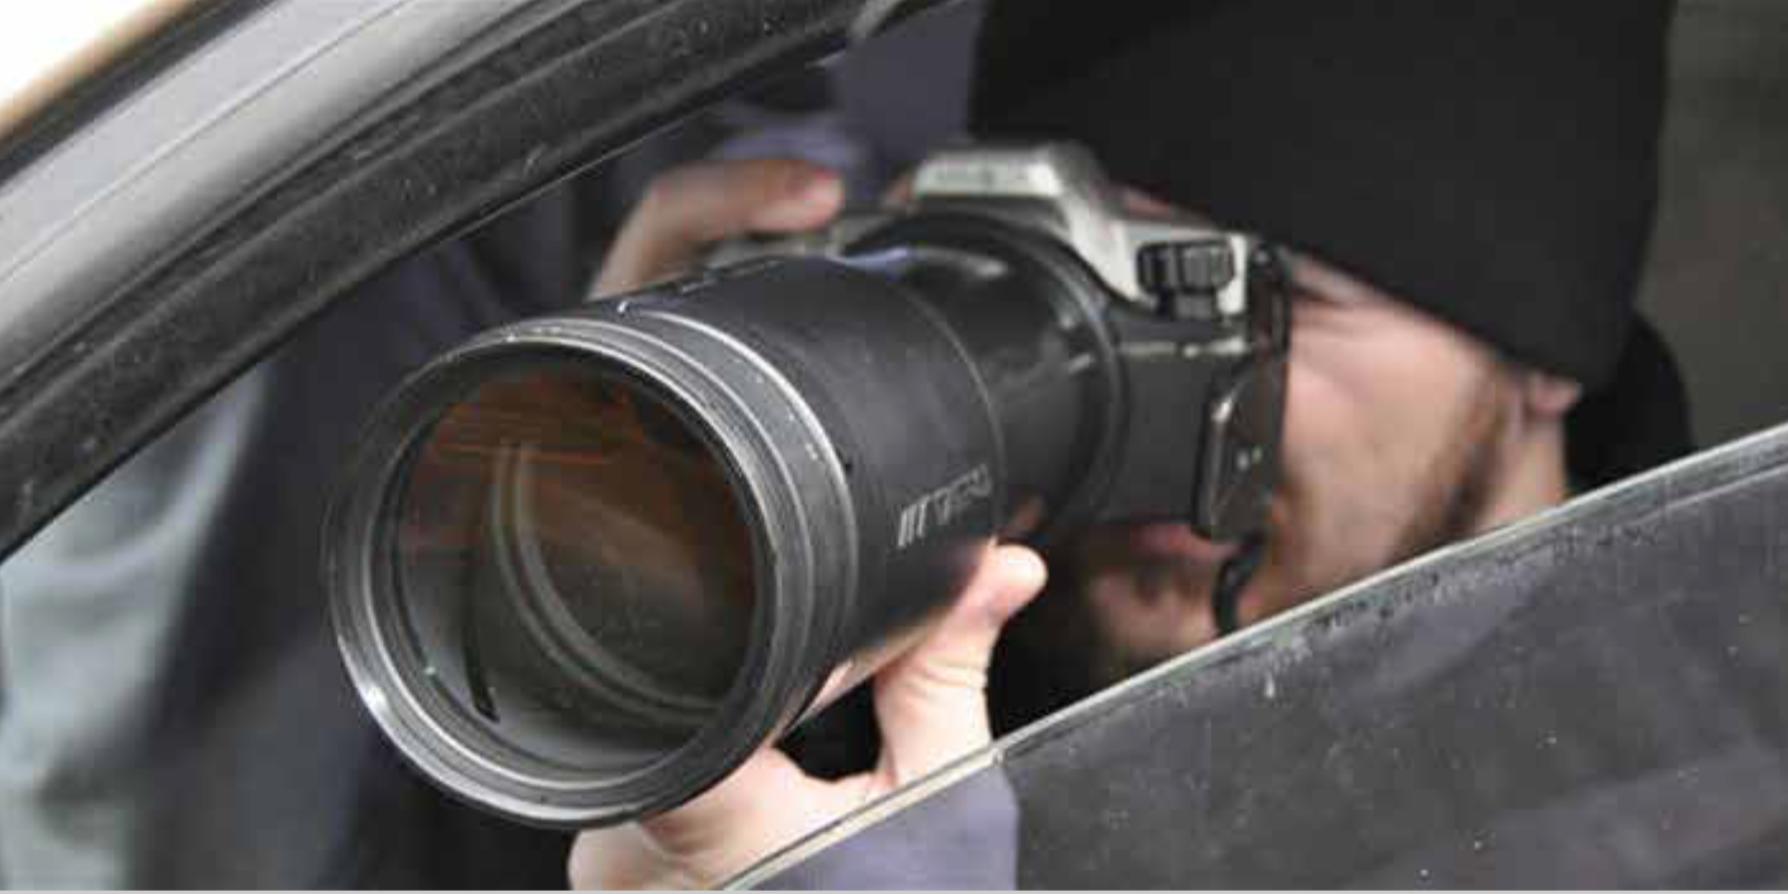 Specialist Surveillance